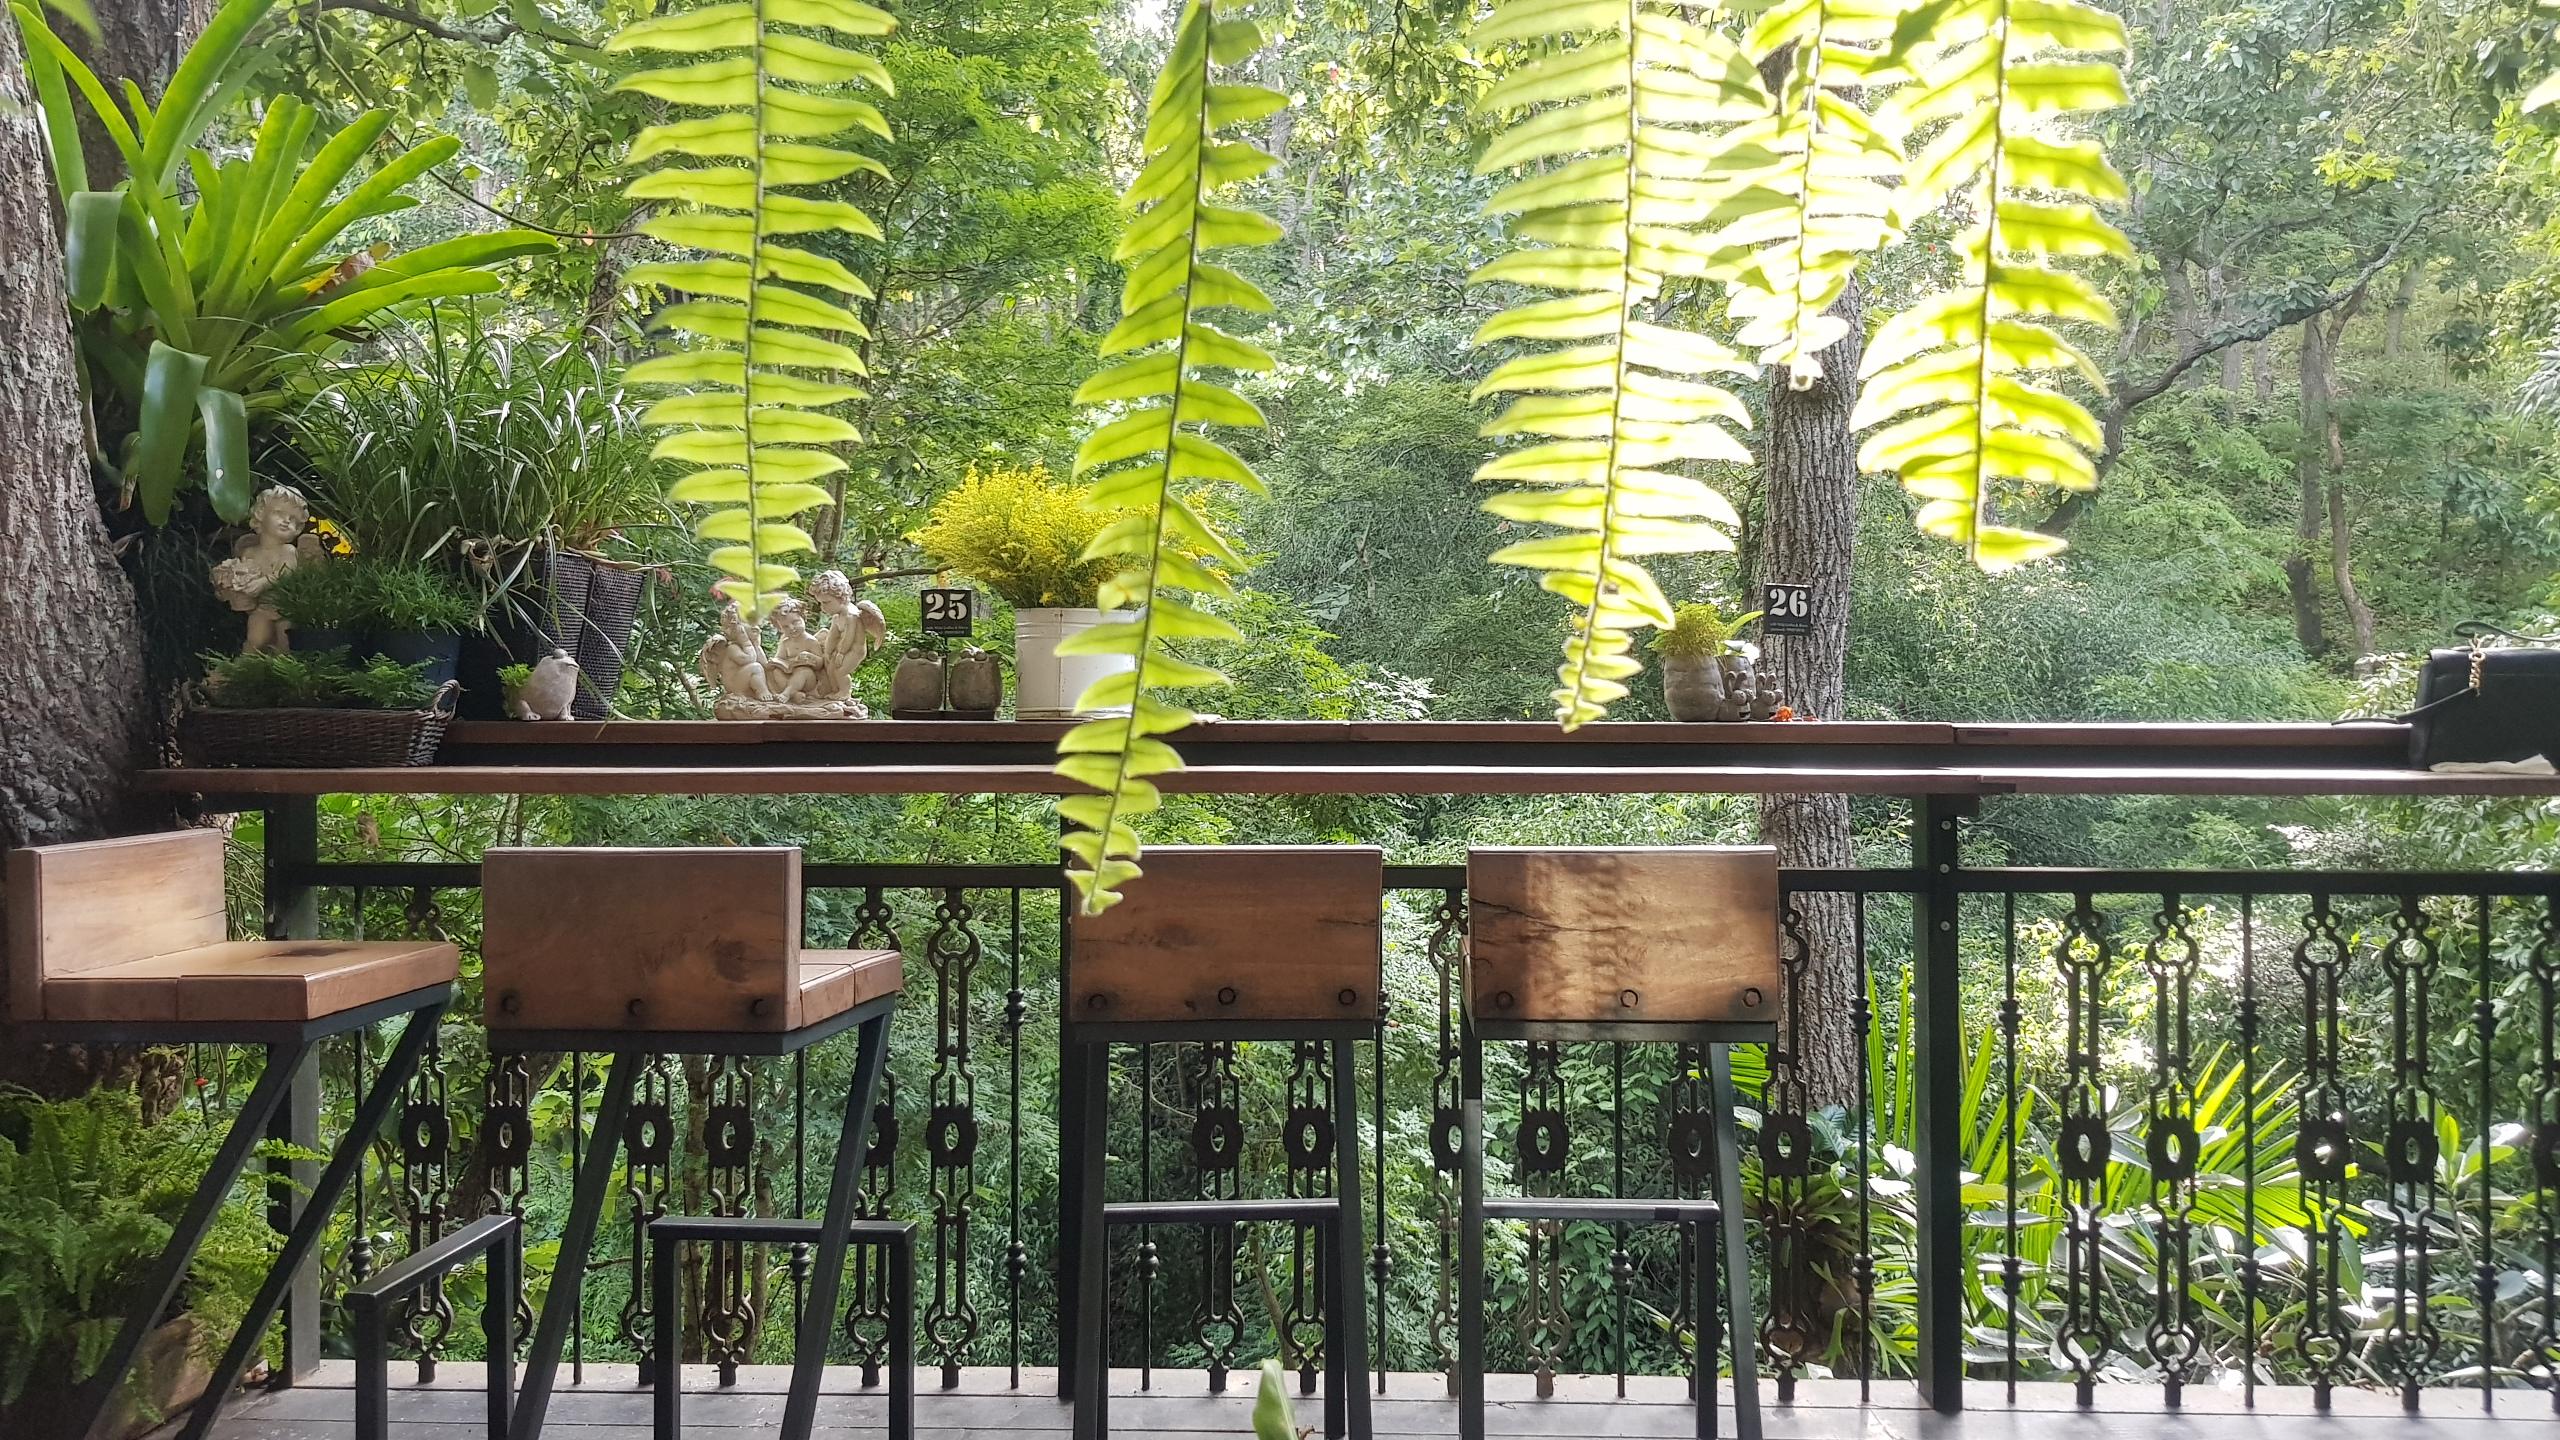 โซนเอ้าท์ดอร์ – เคาน์เตอร์ไม้ @ Wild Coffee & Bistro ให้คุณได้เสพวิวป่าเขา ลำธาร ได้อย่างเต็มอิ่ม